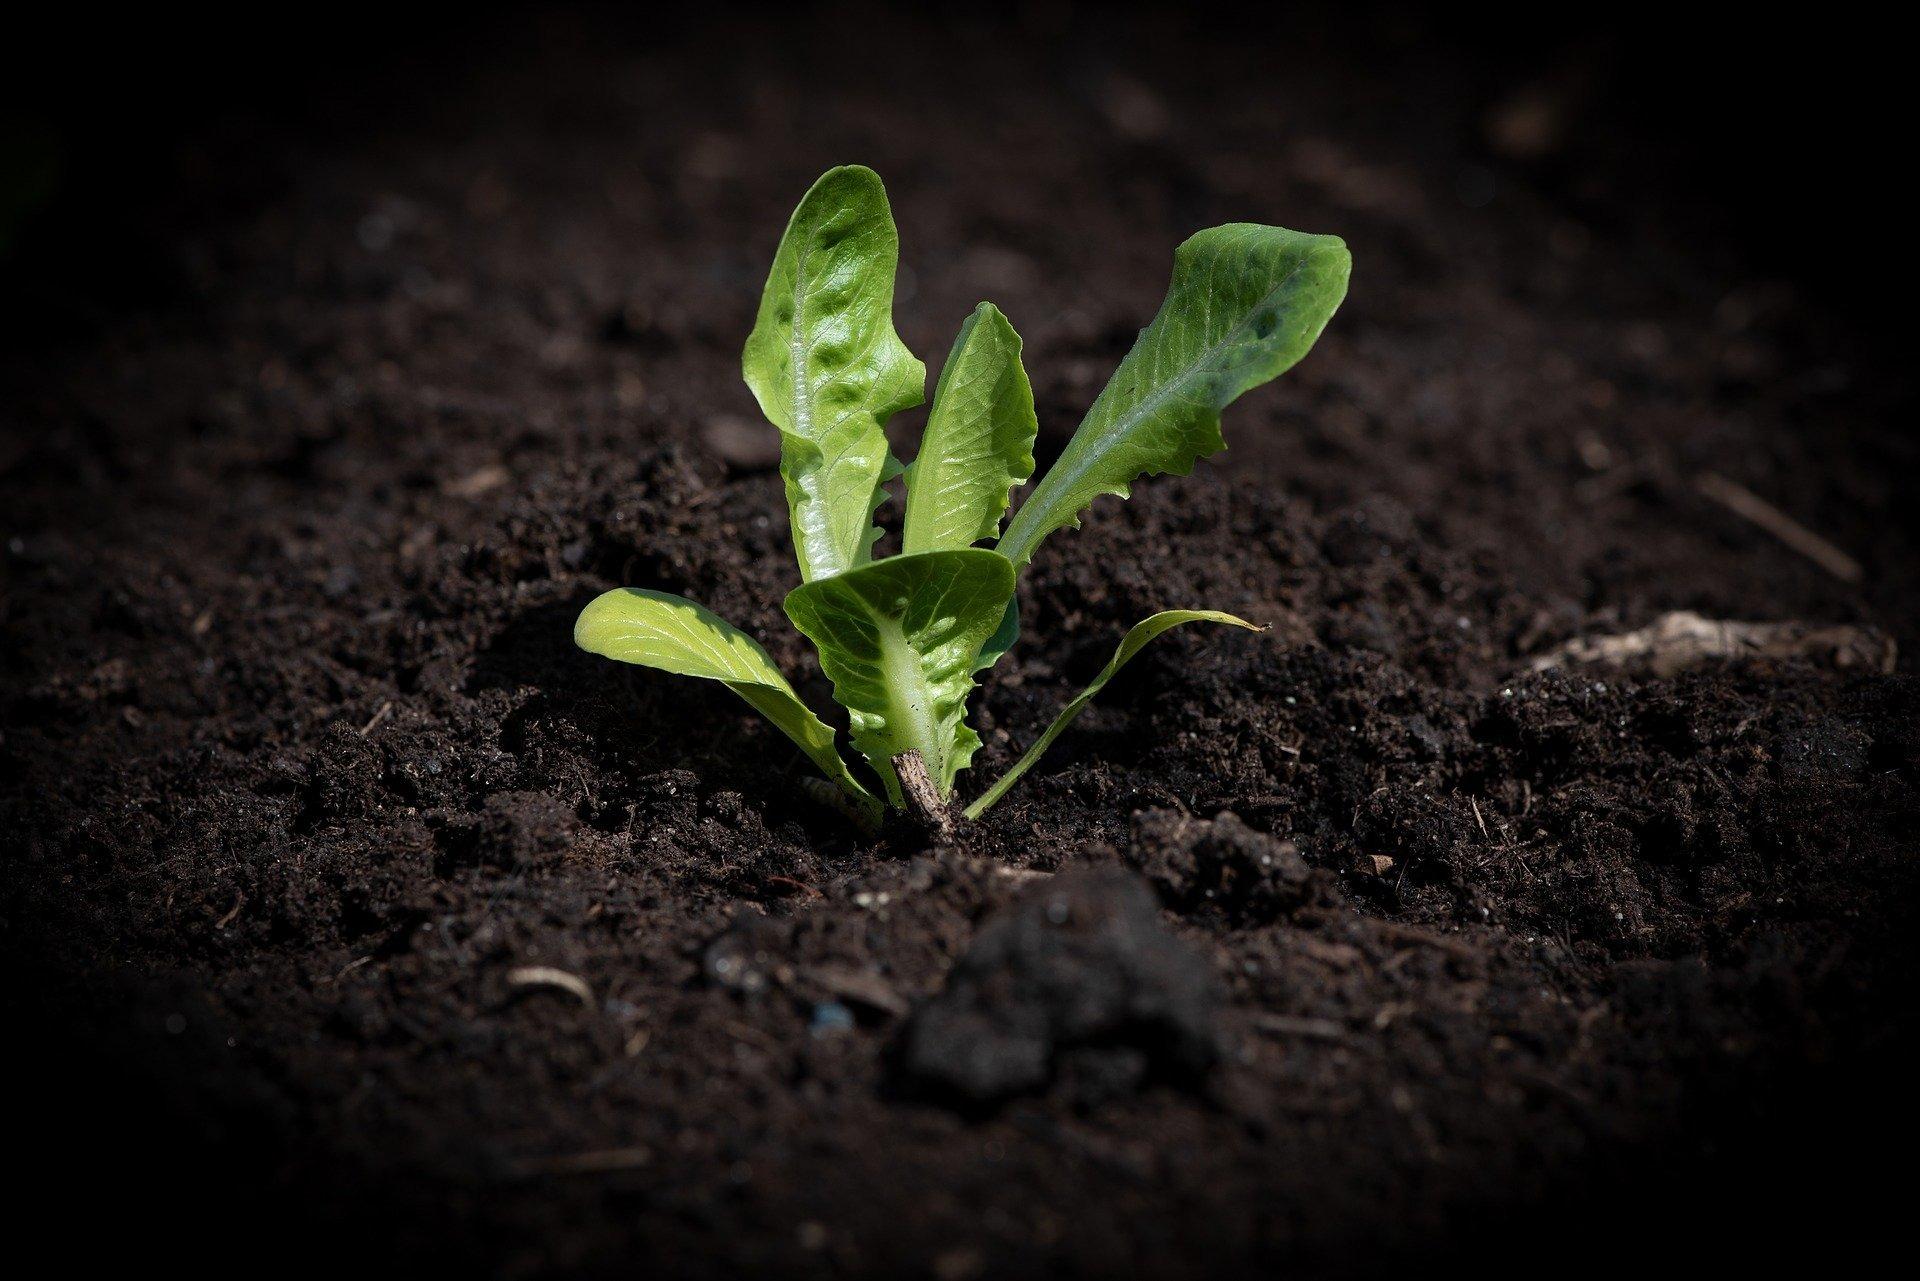 lettuce-seedling-41414501920-1606378912.jpg